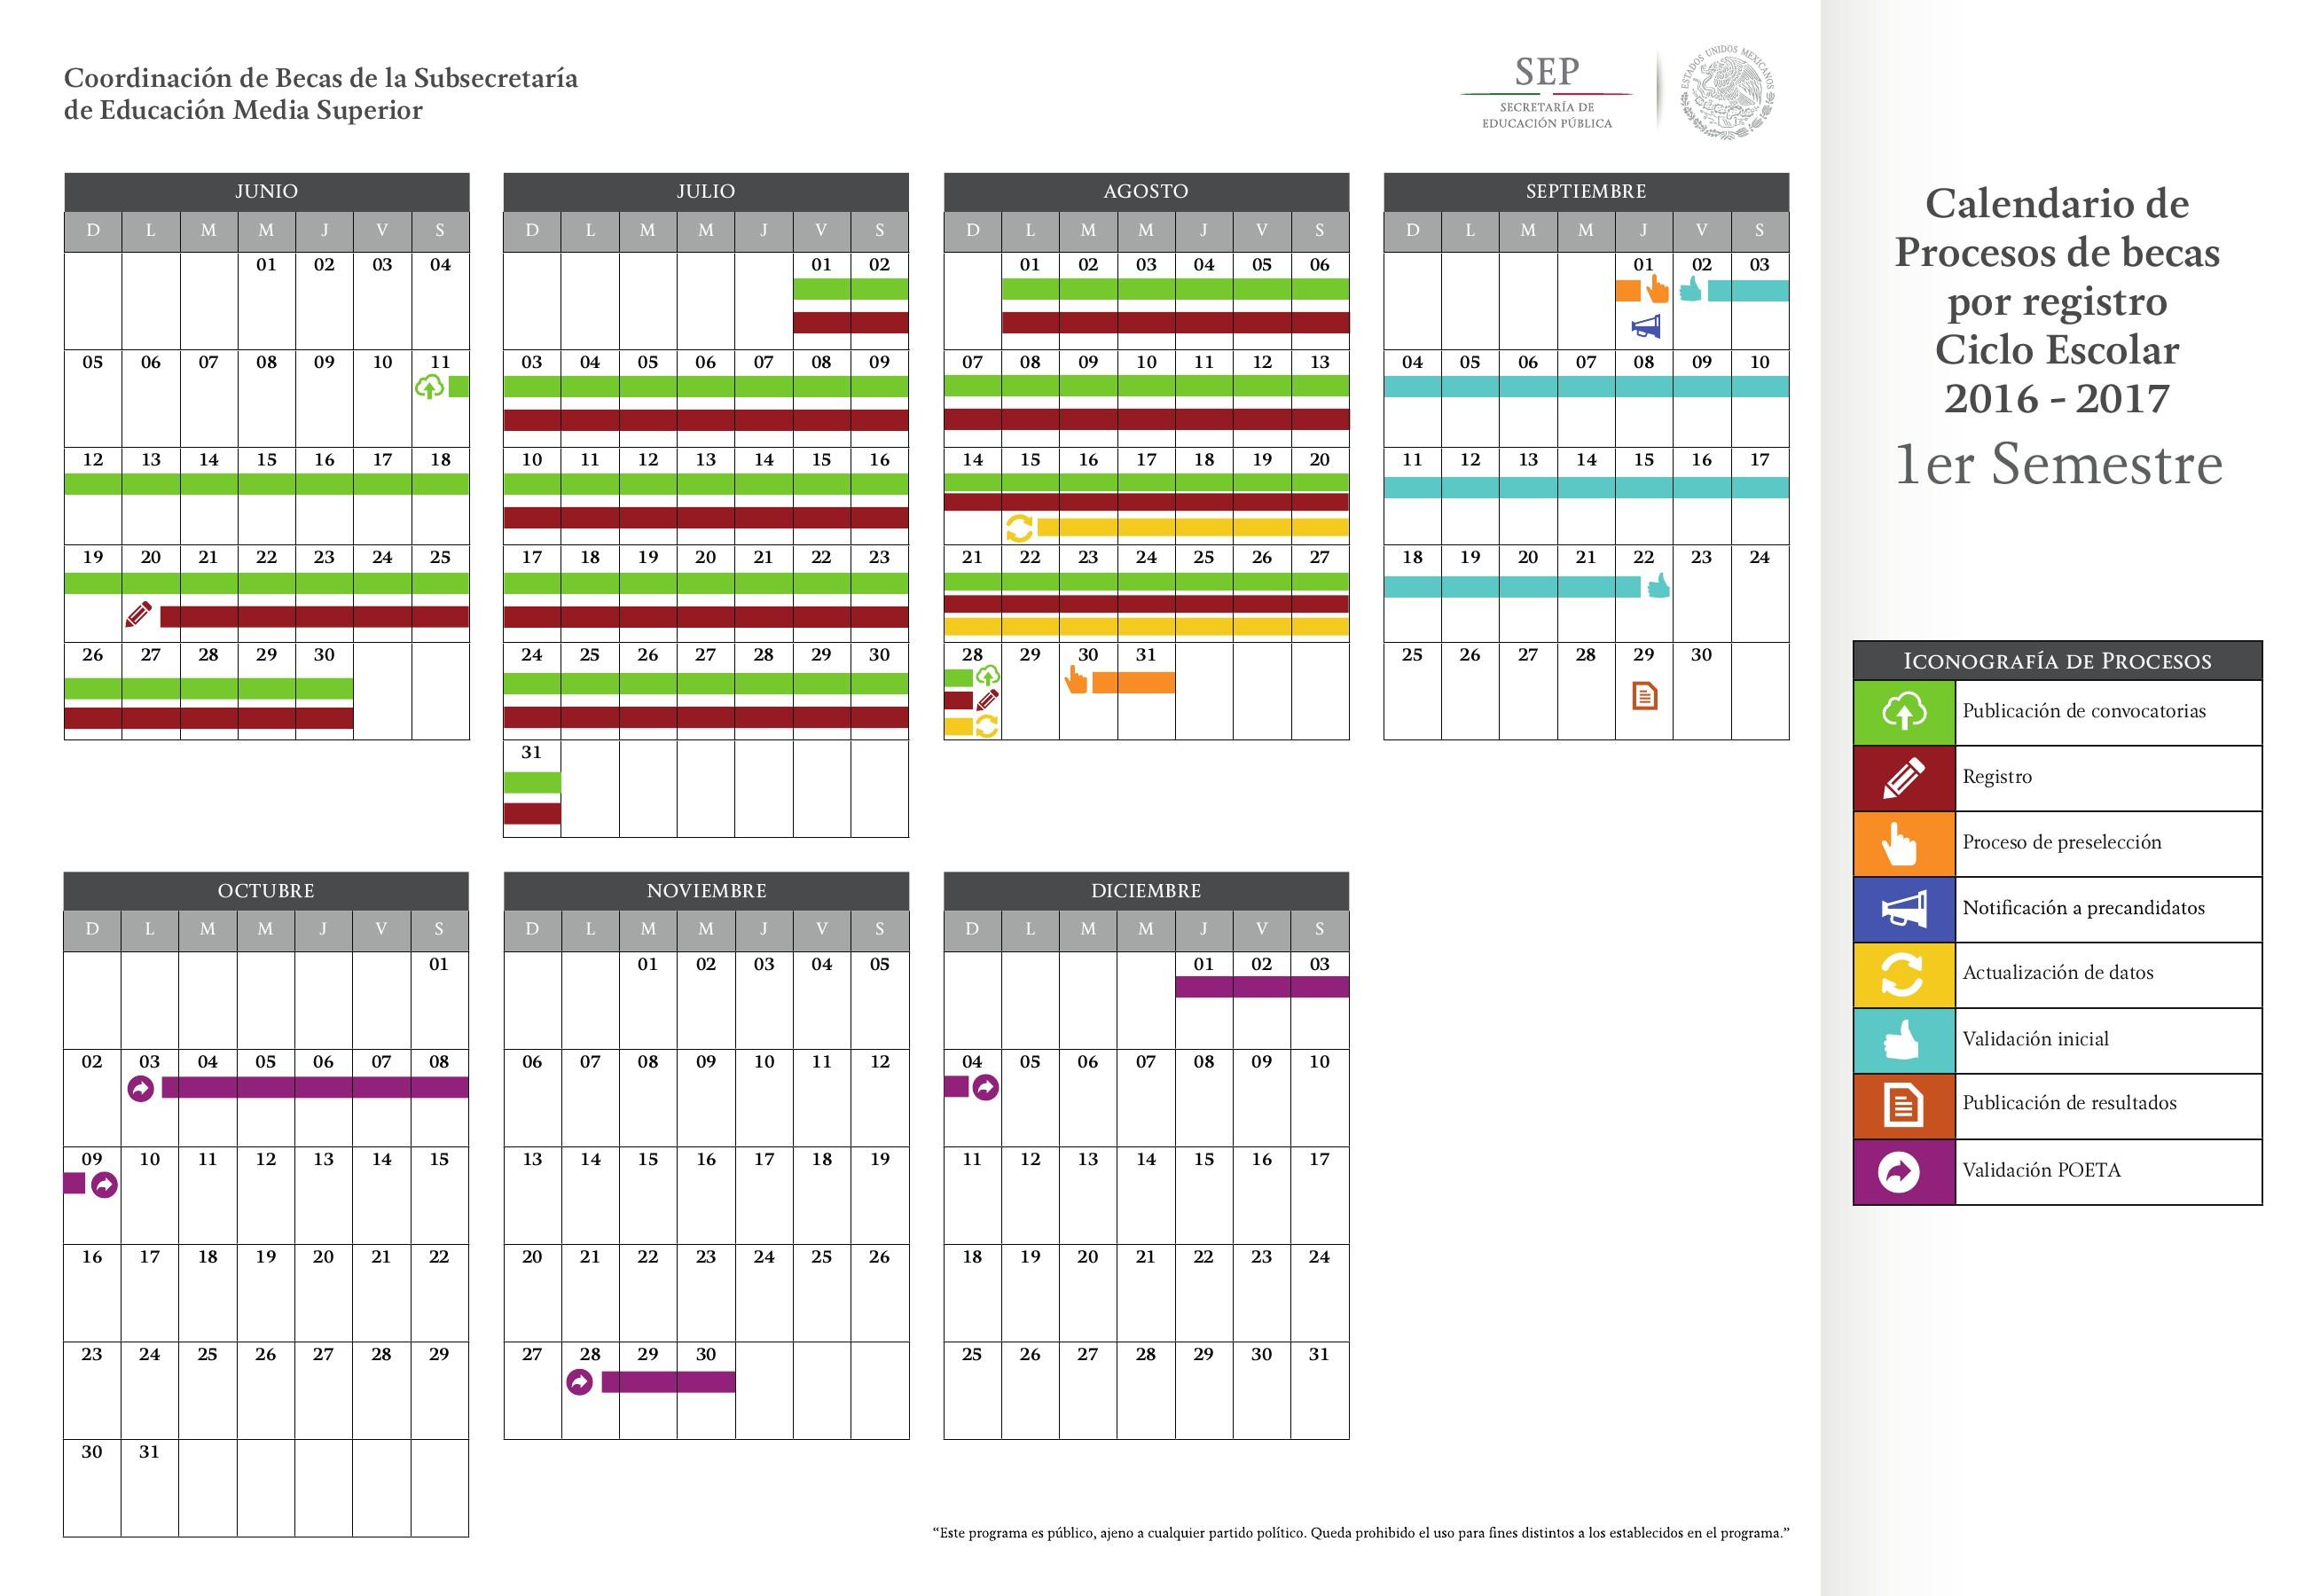 Calendario de Procesos 2016 2017